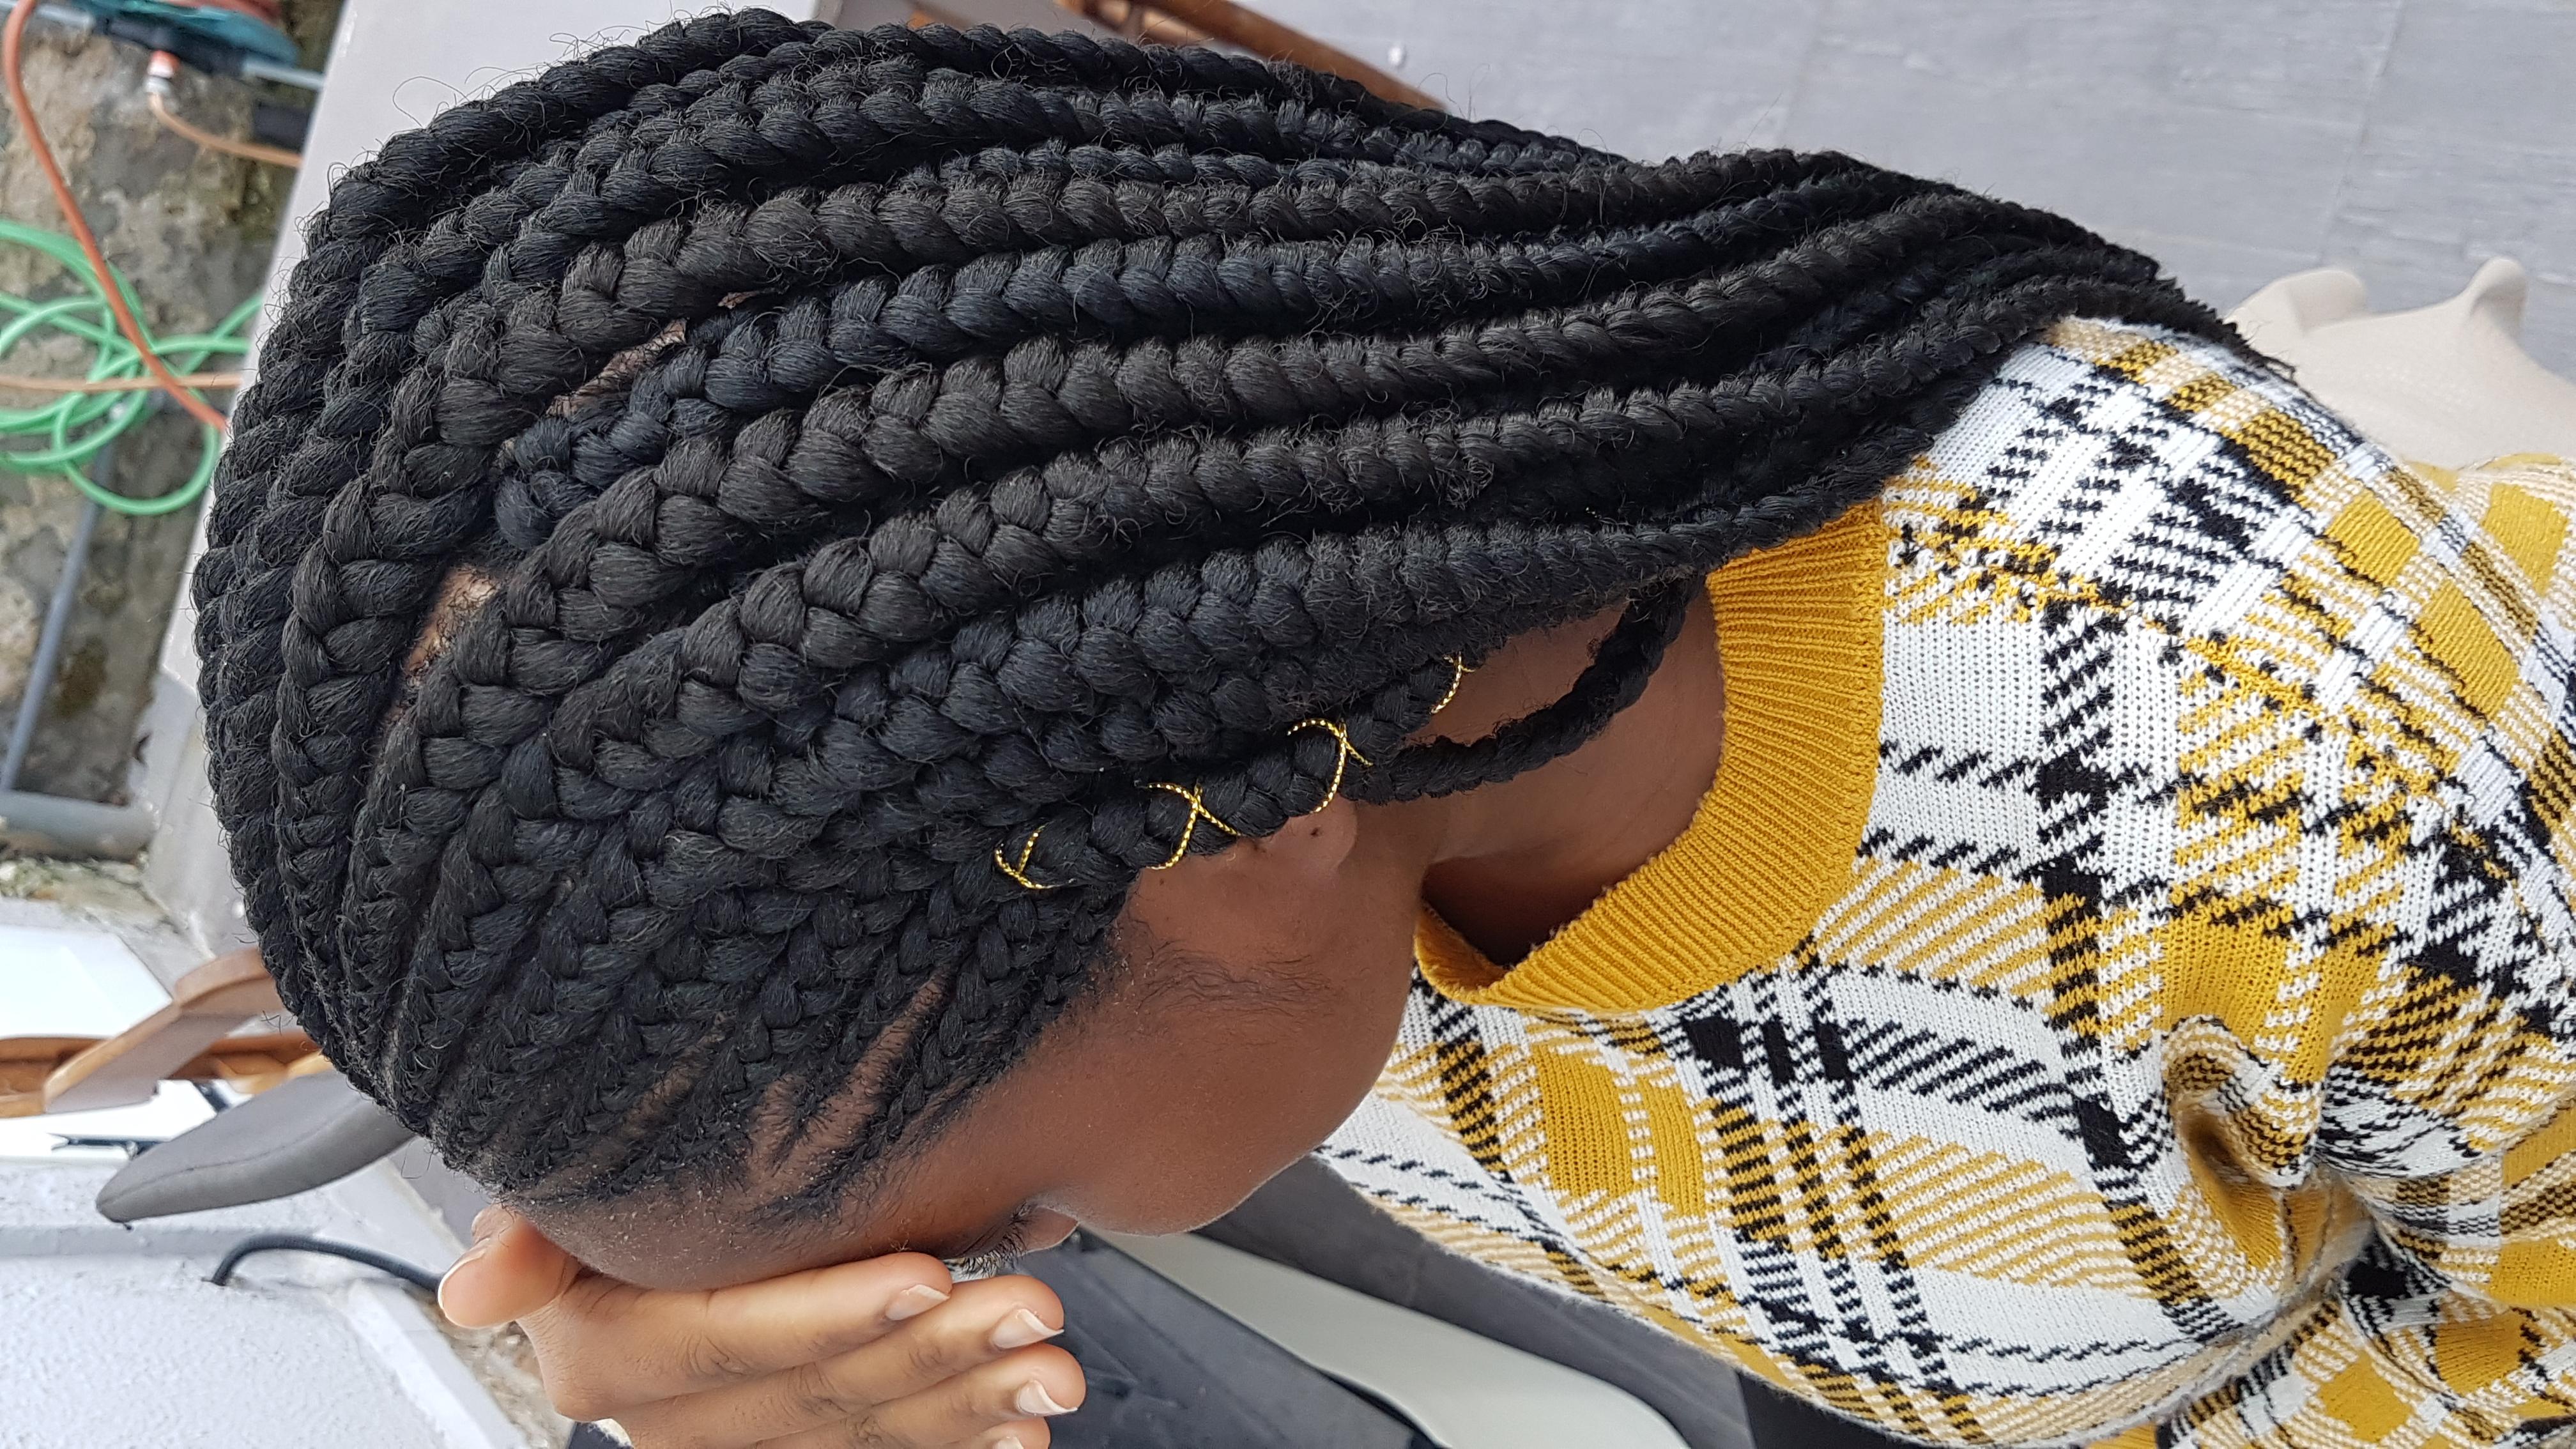 salon de coiffure afro tresse tresses box braids crochet braids vanilles tissages paris 75 77 78 91 92 93 94 95 HCZIUCZC